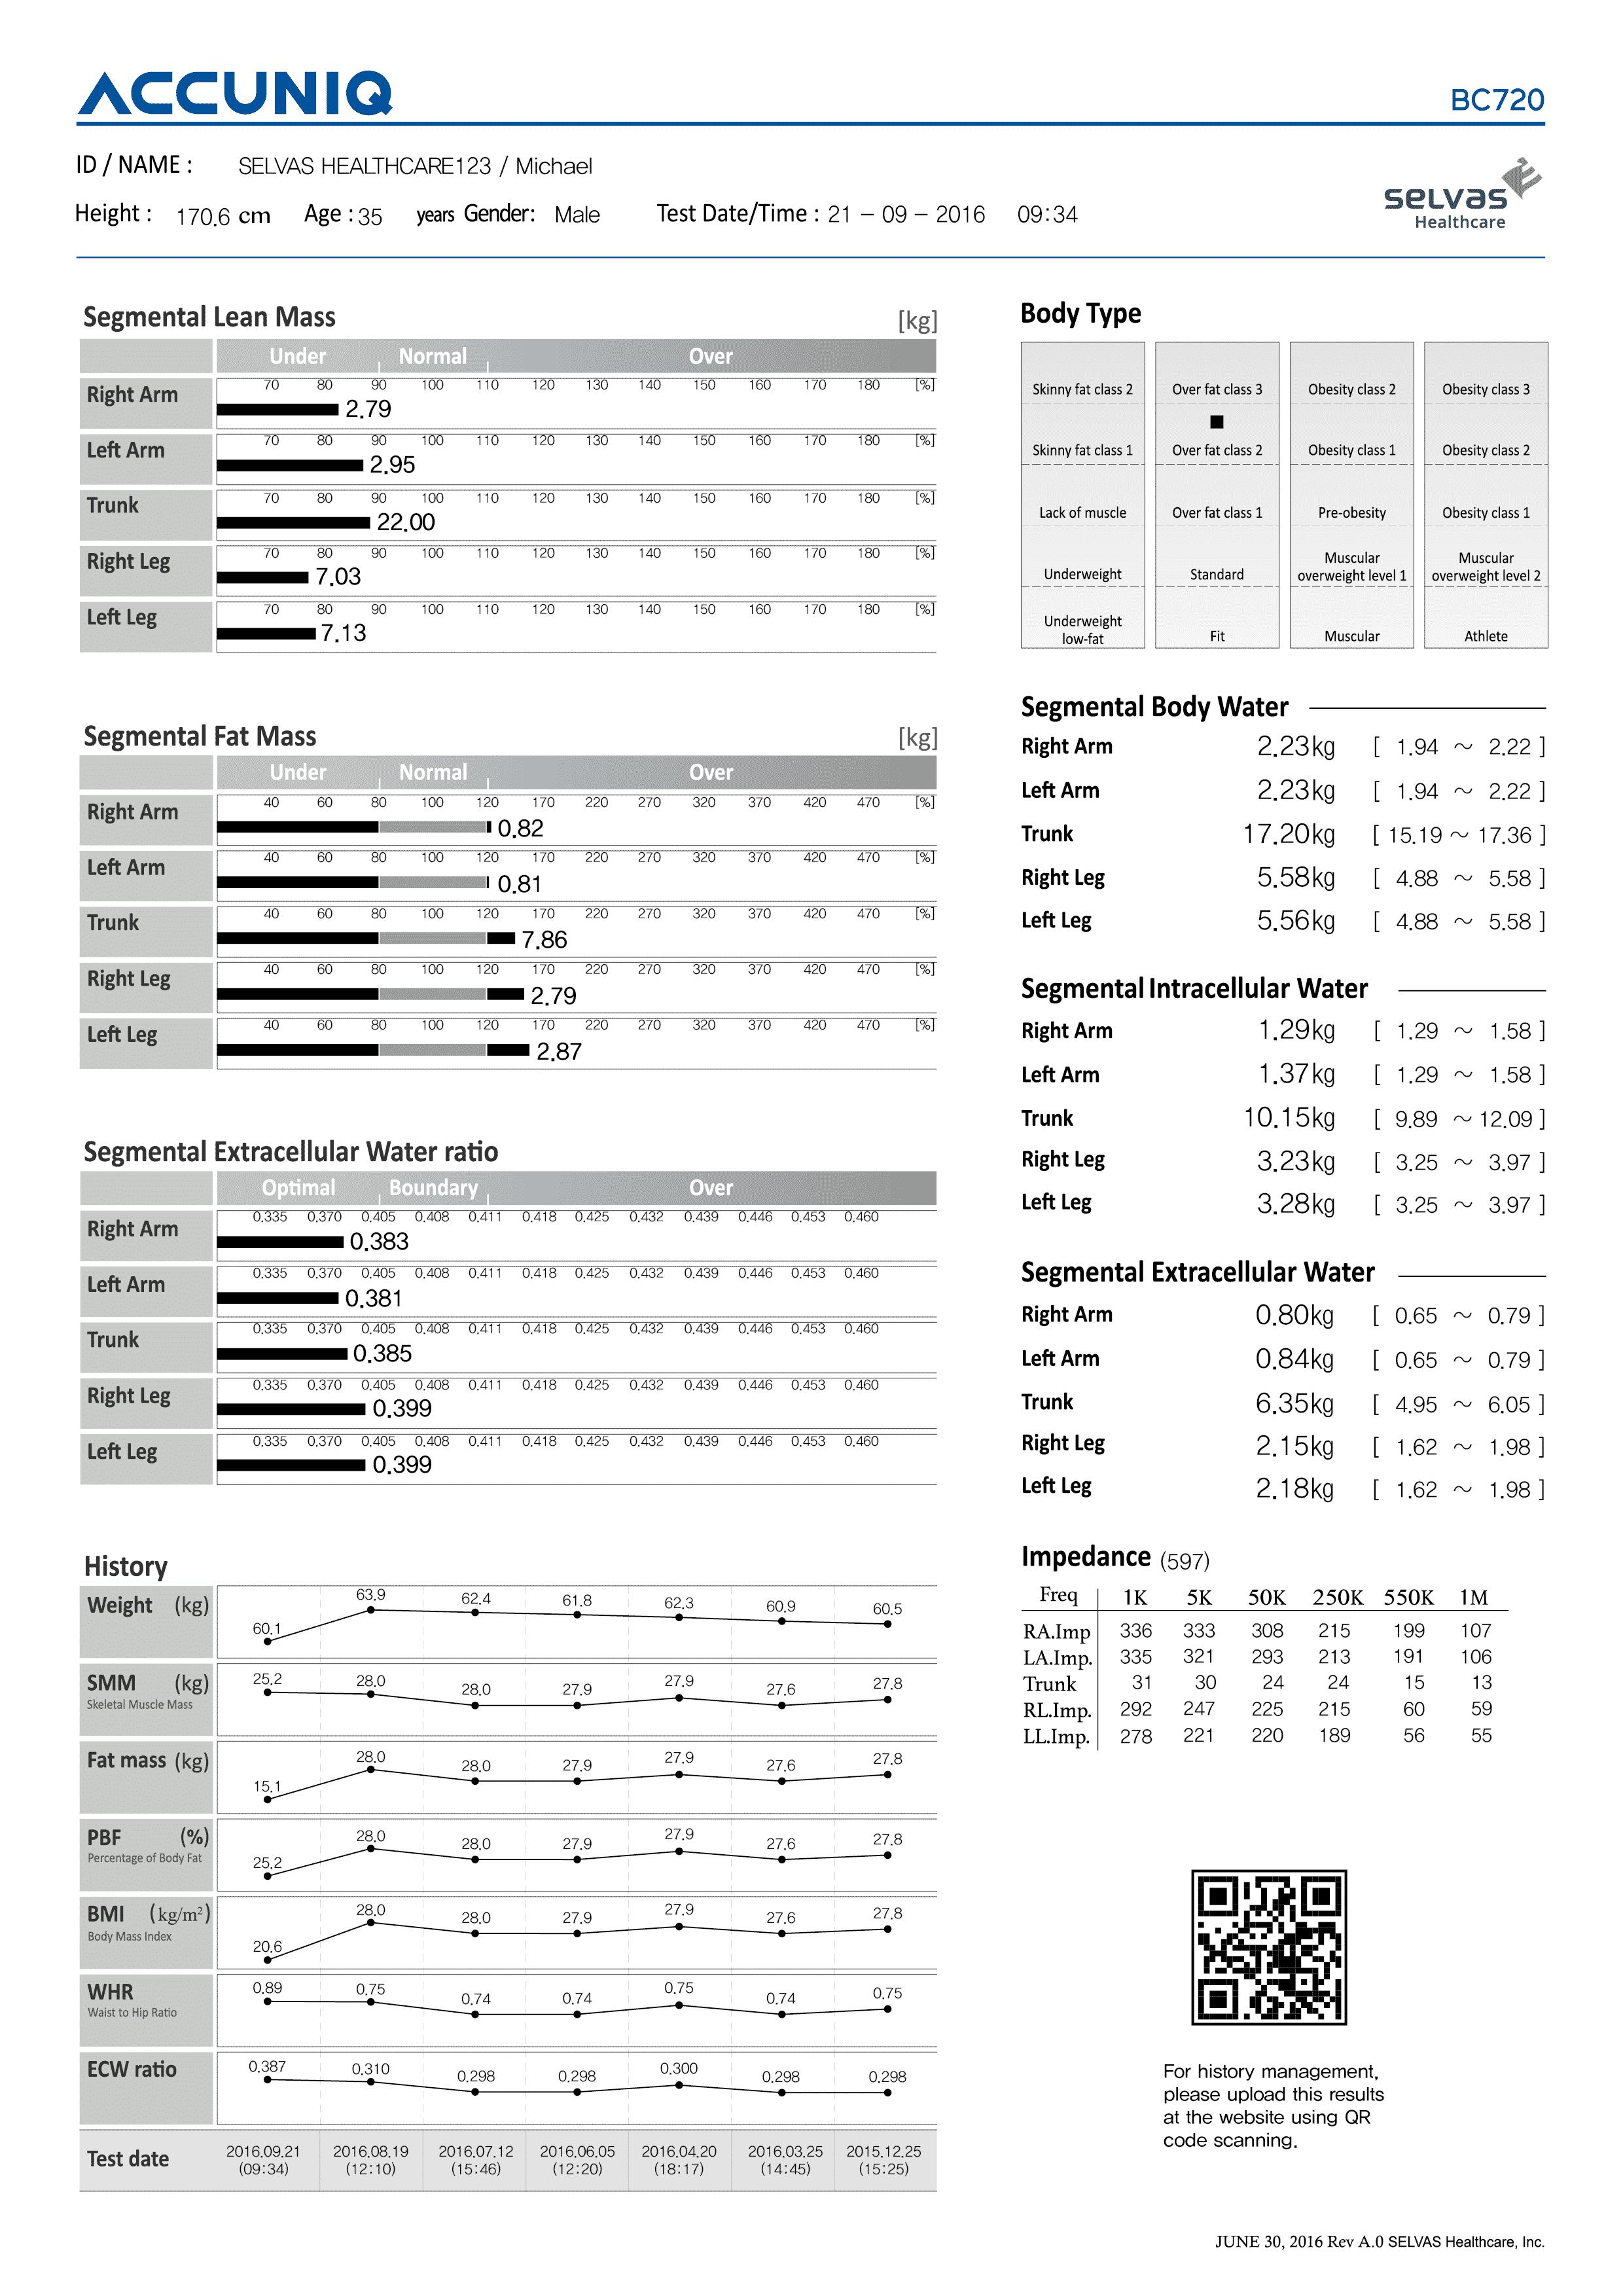 เครื่องวัด วิเคราะห์ส่วนประกอบร่างกาย ไขมัน Accuniq bc720 result sheet